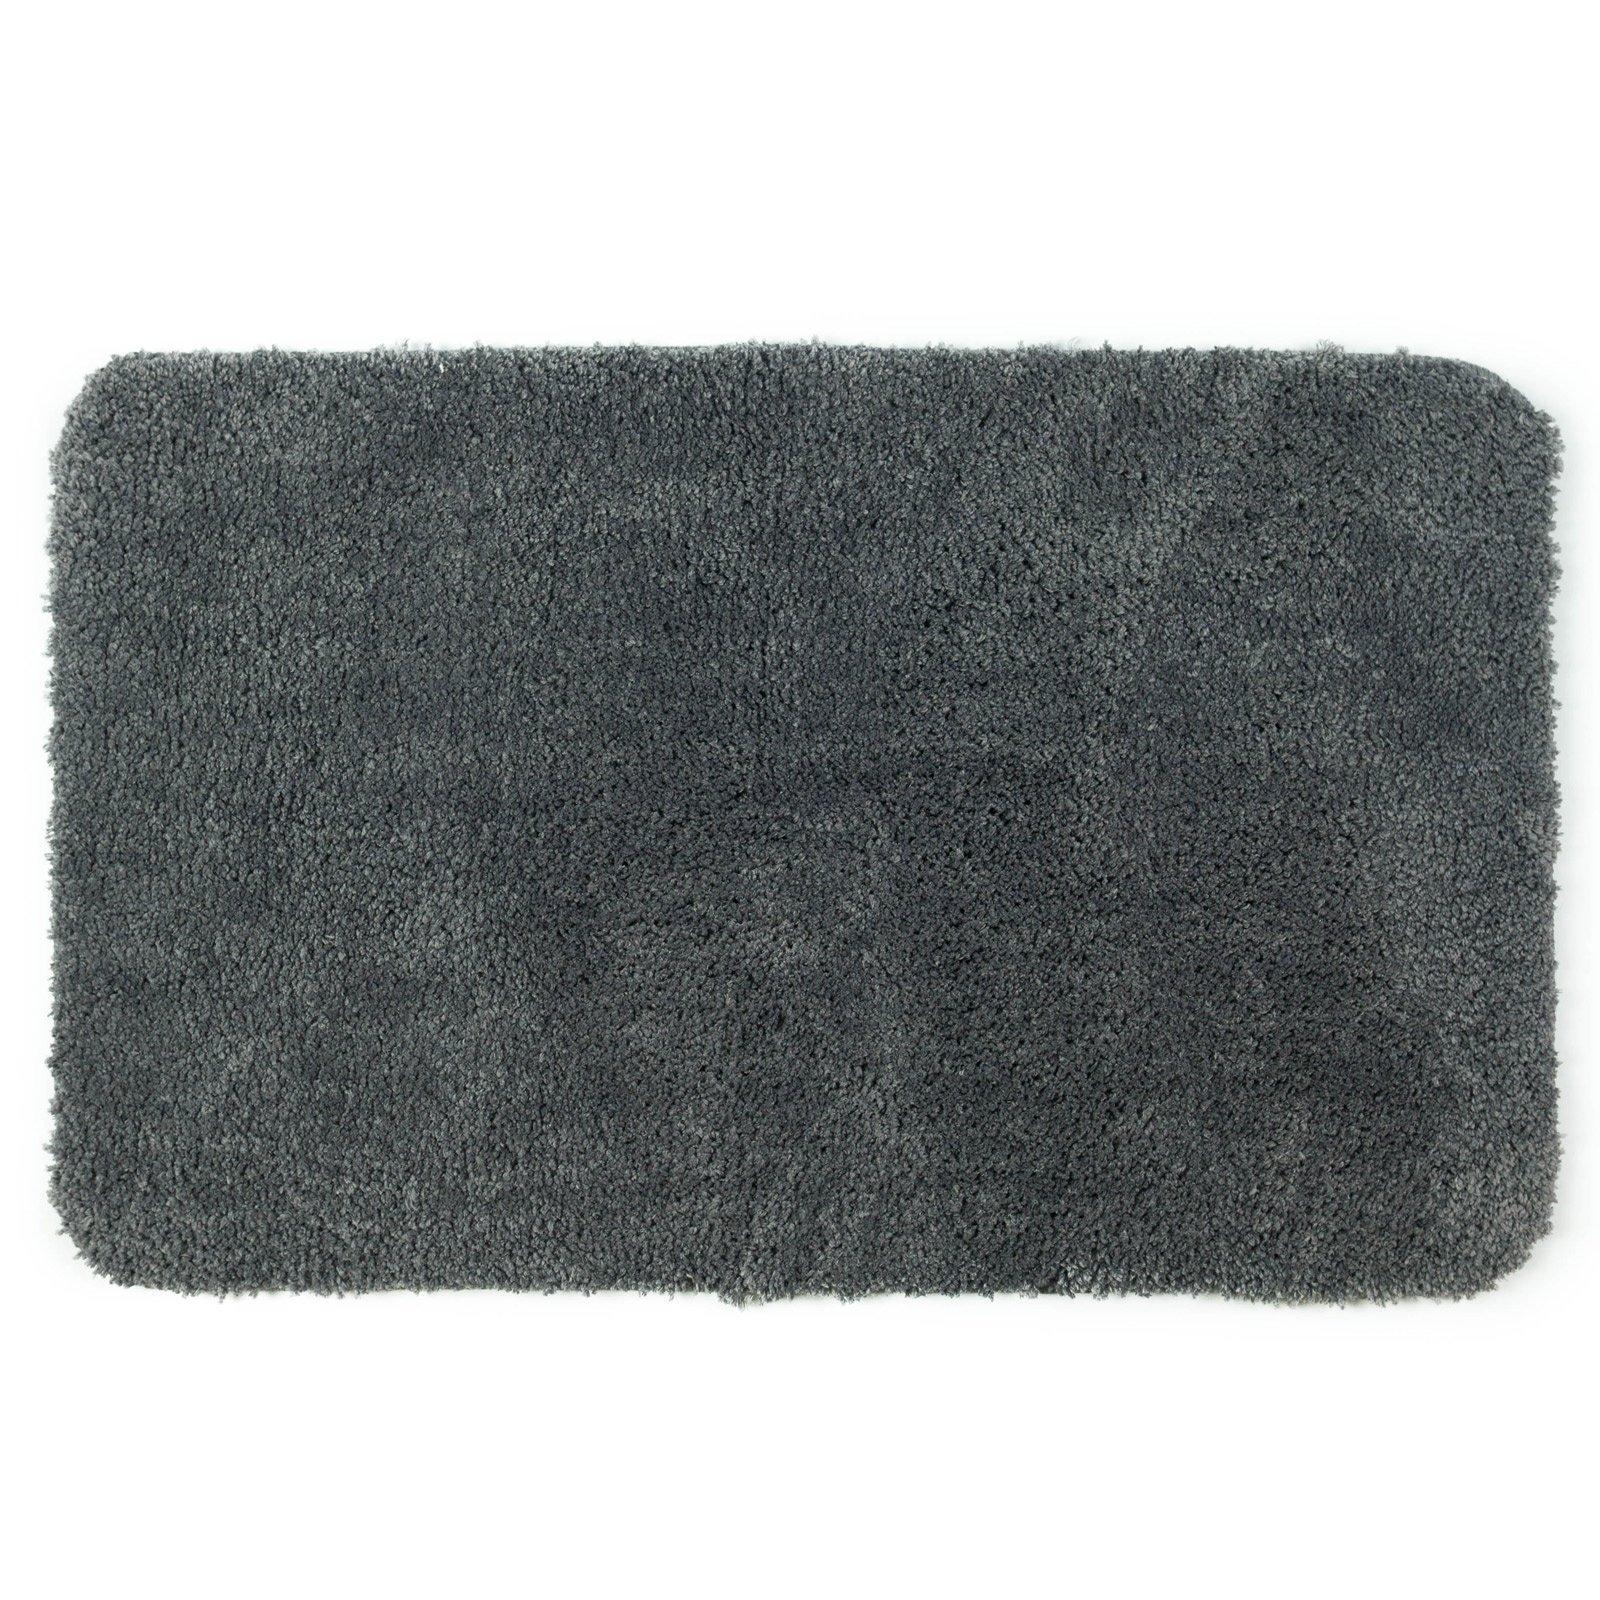 Allure Microfibre Charcoal Grey Bath Mat